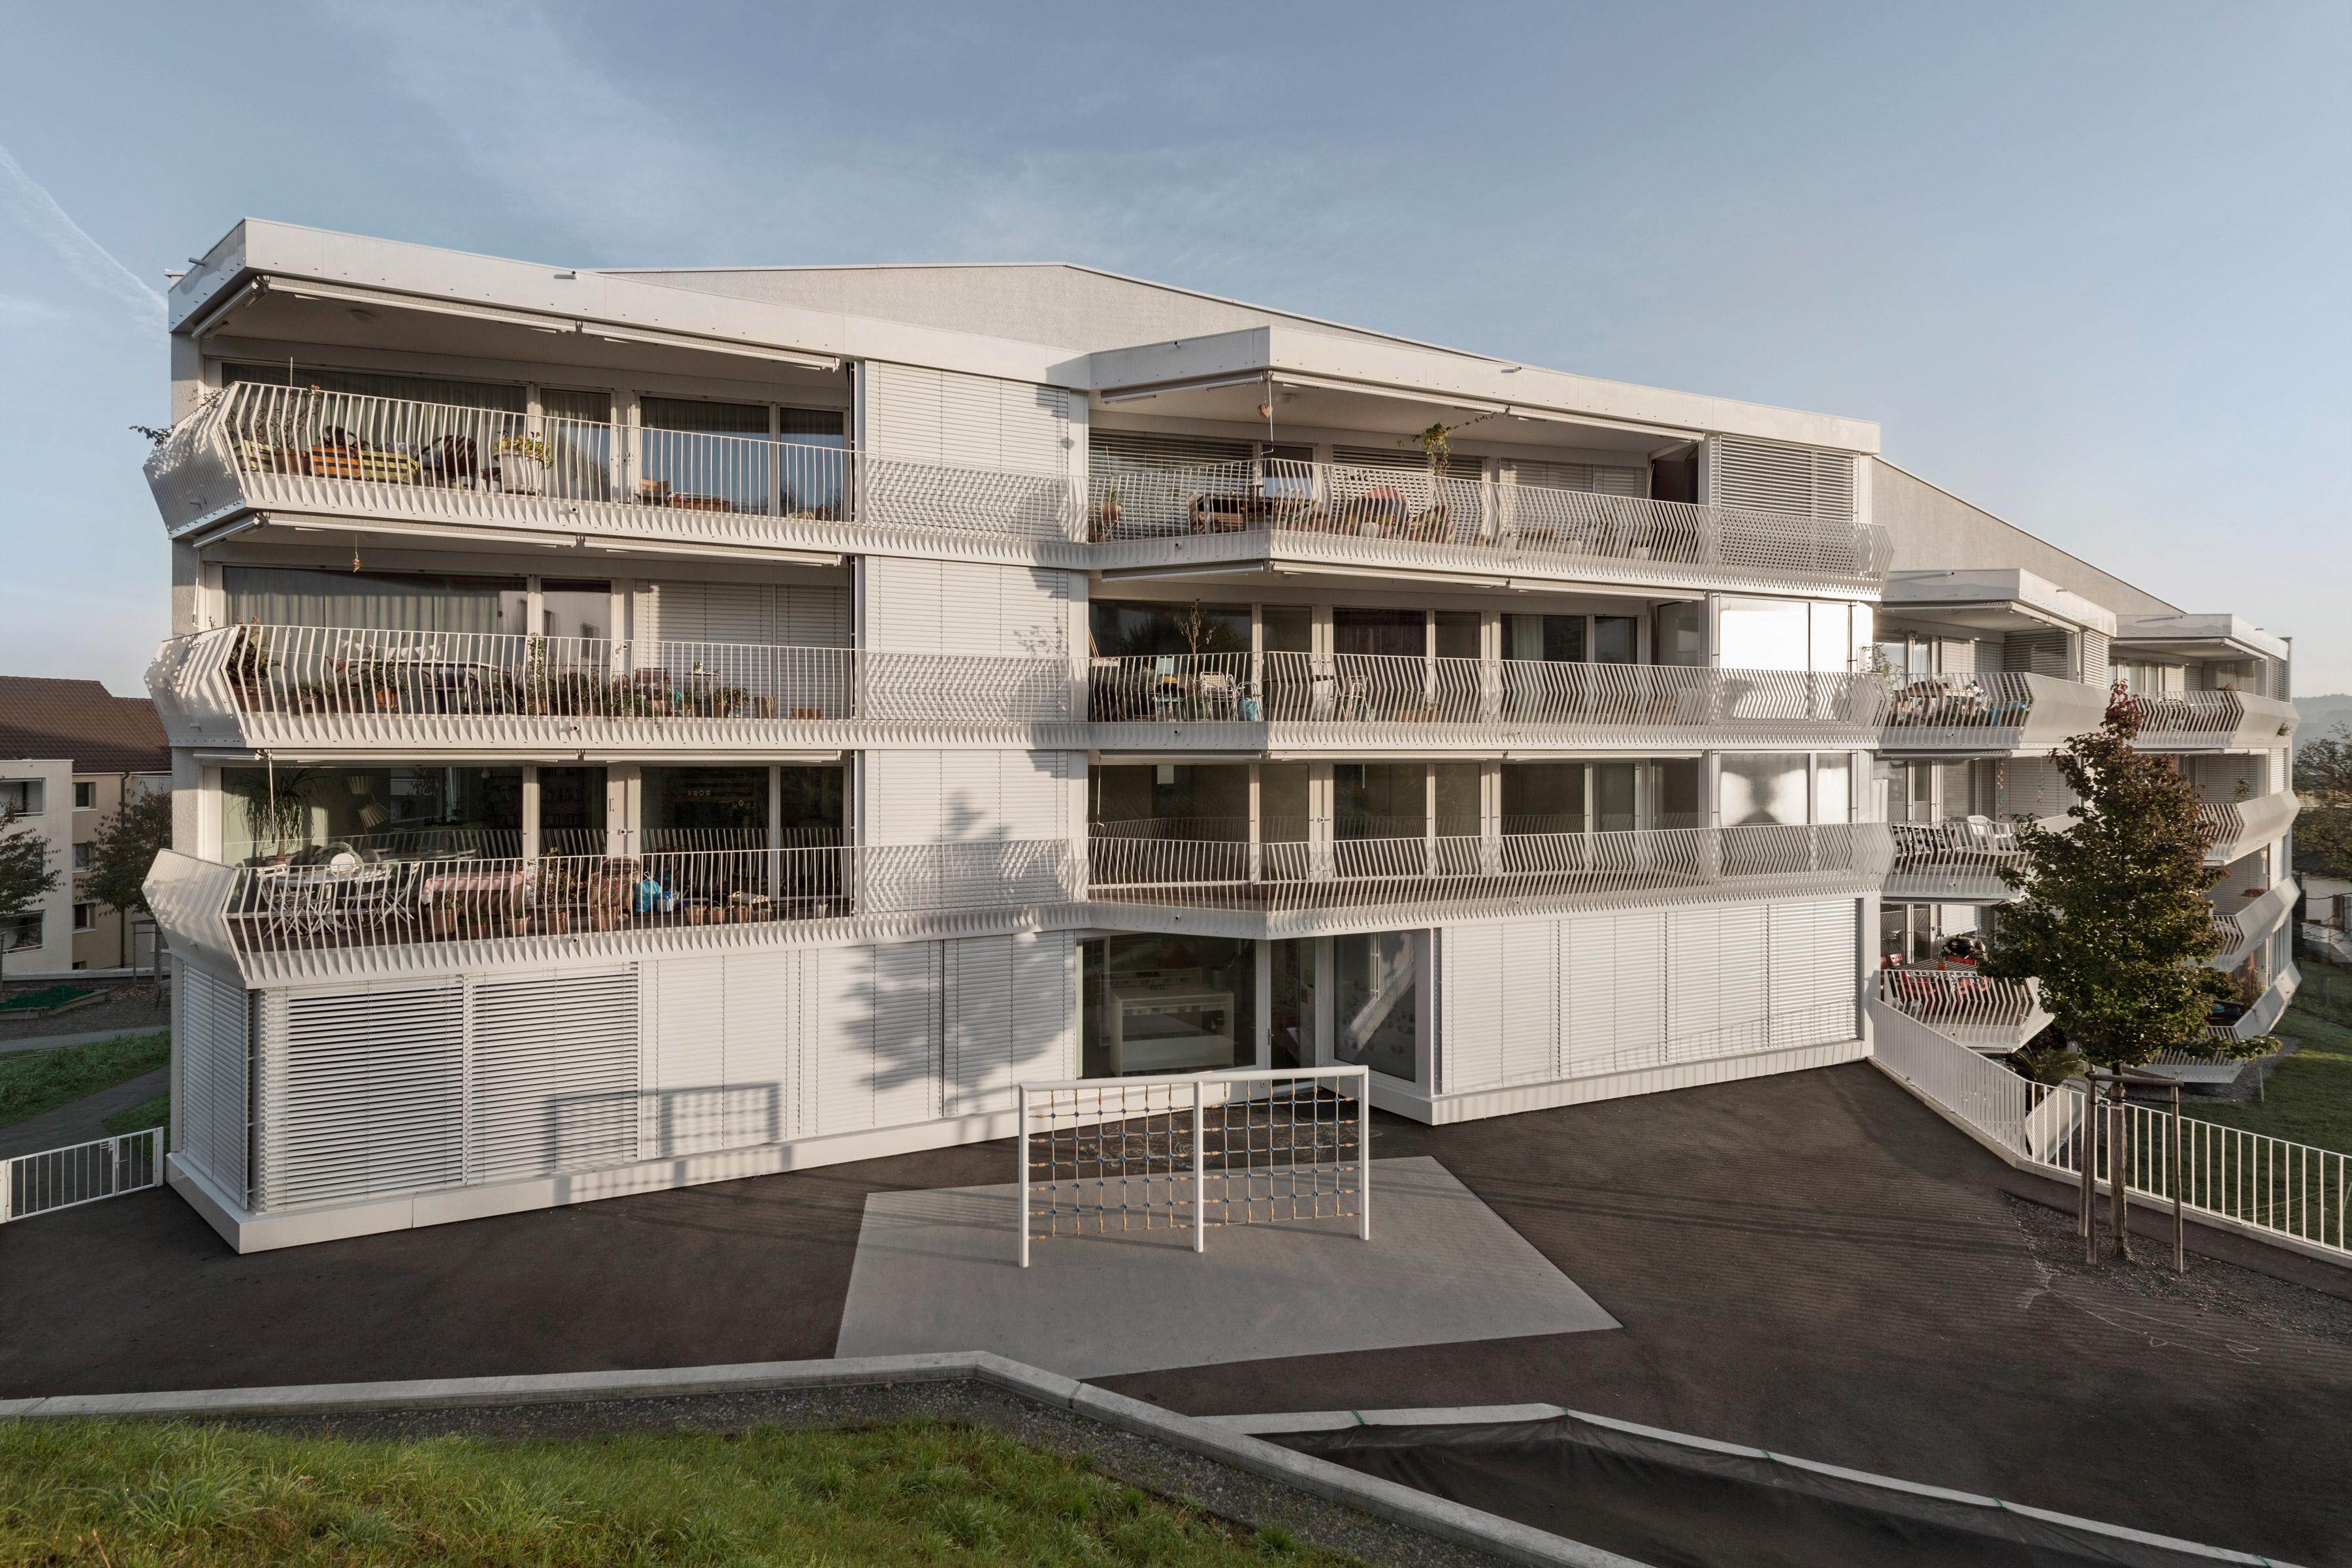 Architecture photo about EBG apartments Geissenstein Luzern